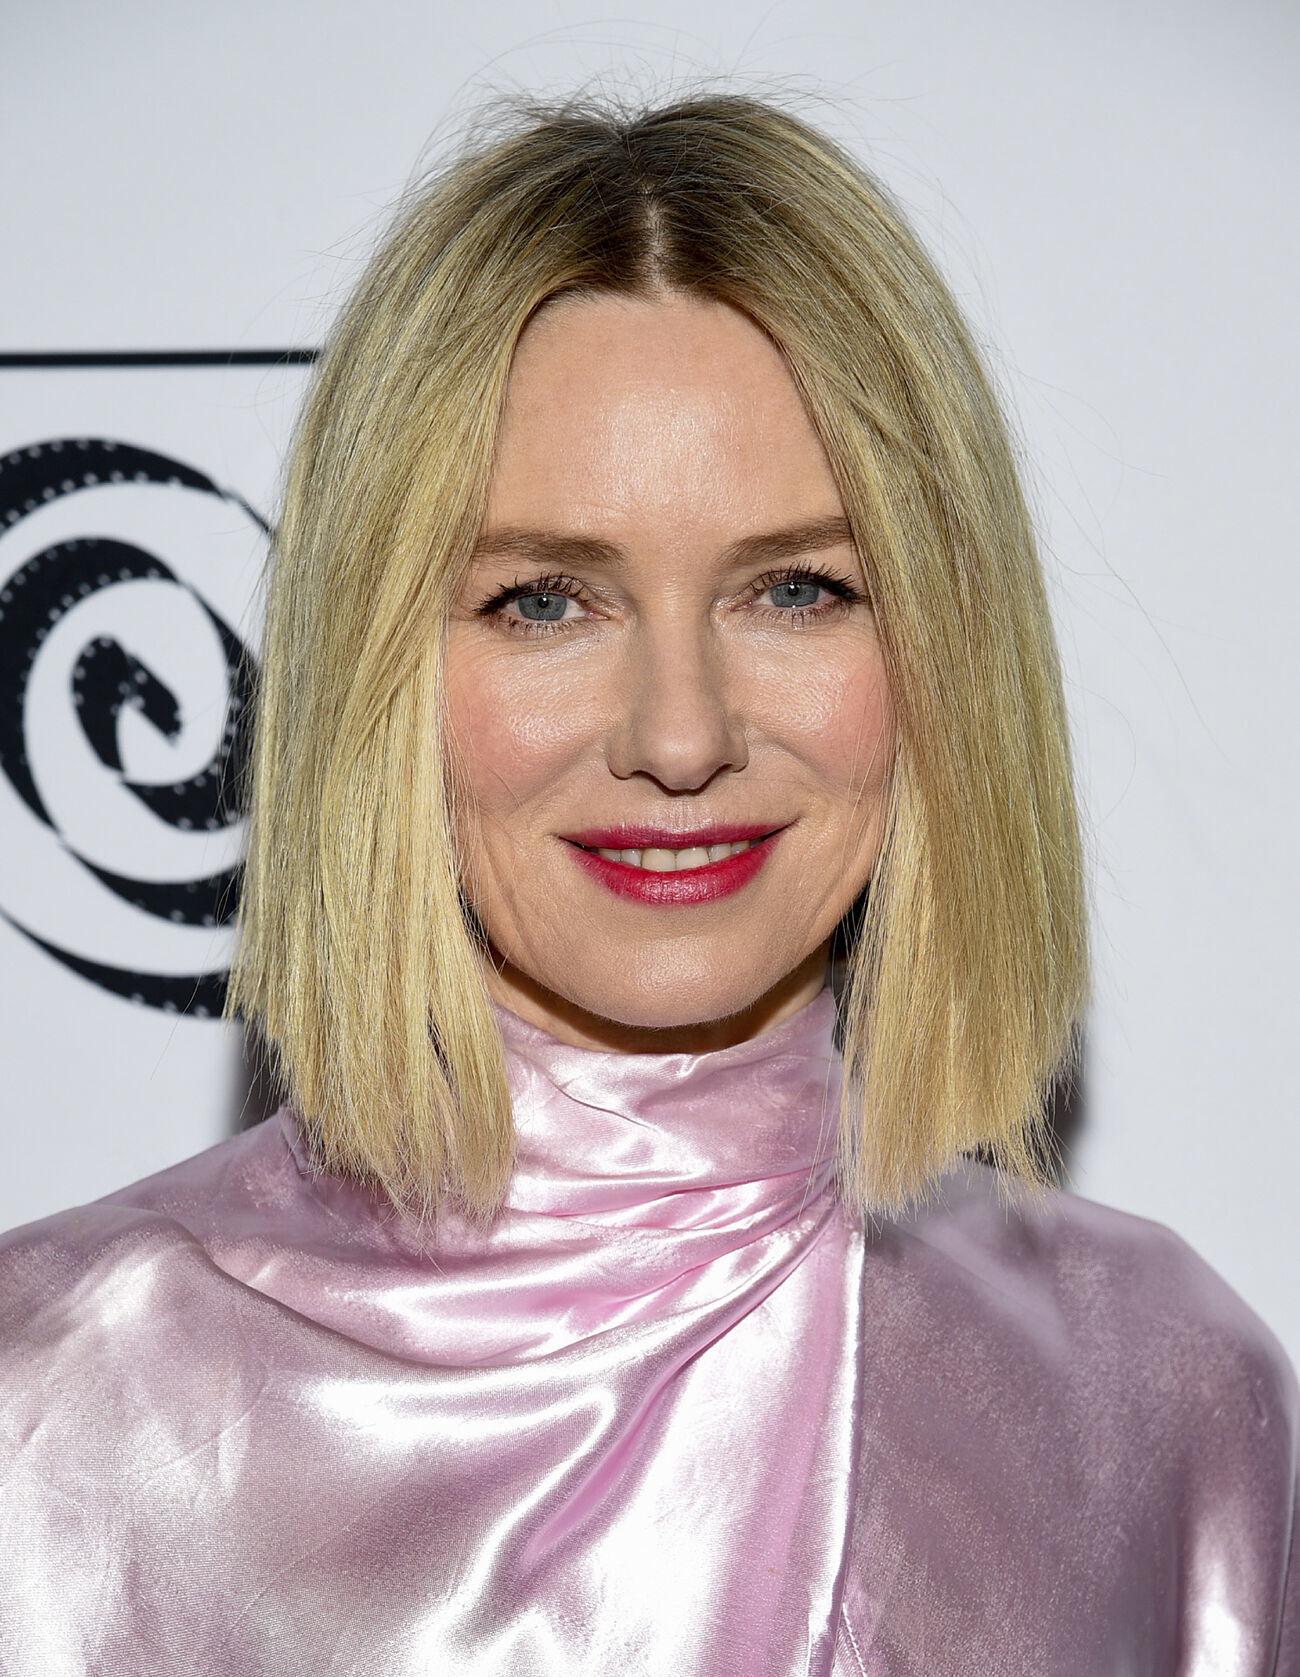 Por eso, seleccionamos los mejores cortes de pelo para mujeres de más de 40 que han perdido densidad. Si tú eres una de ellas, prepárate para cambiar de look porque funcionan por su efecto antiedad.